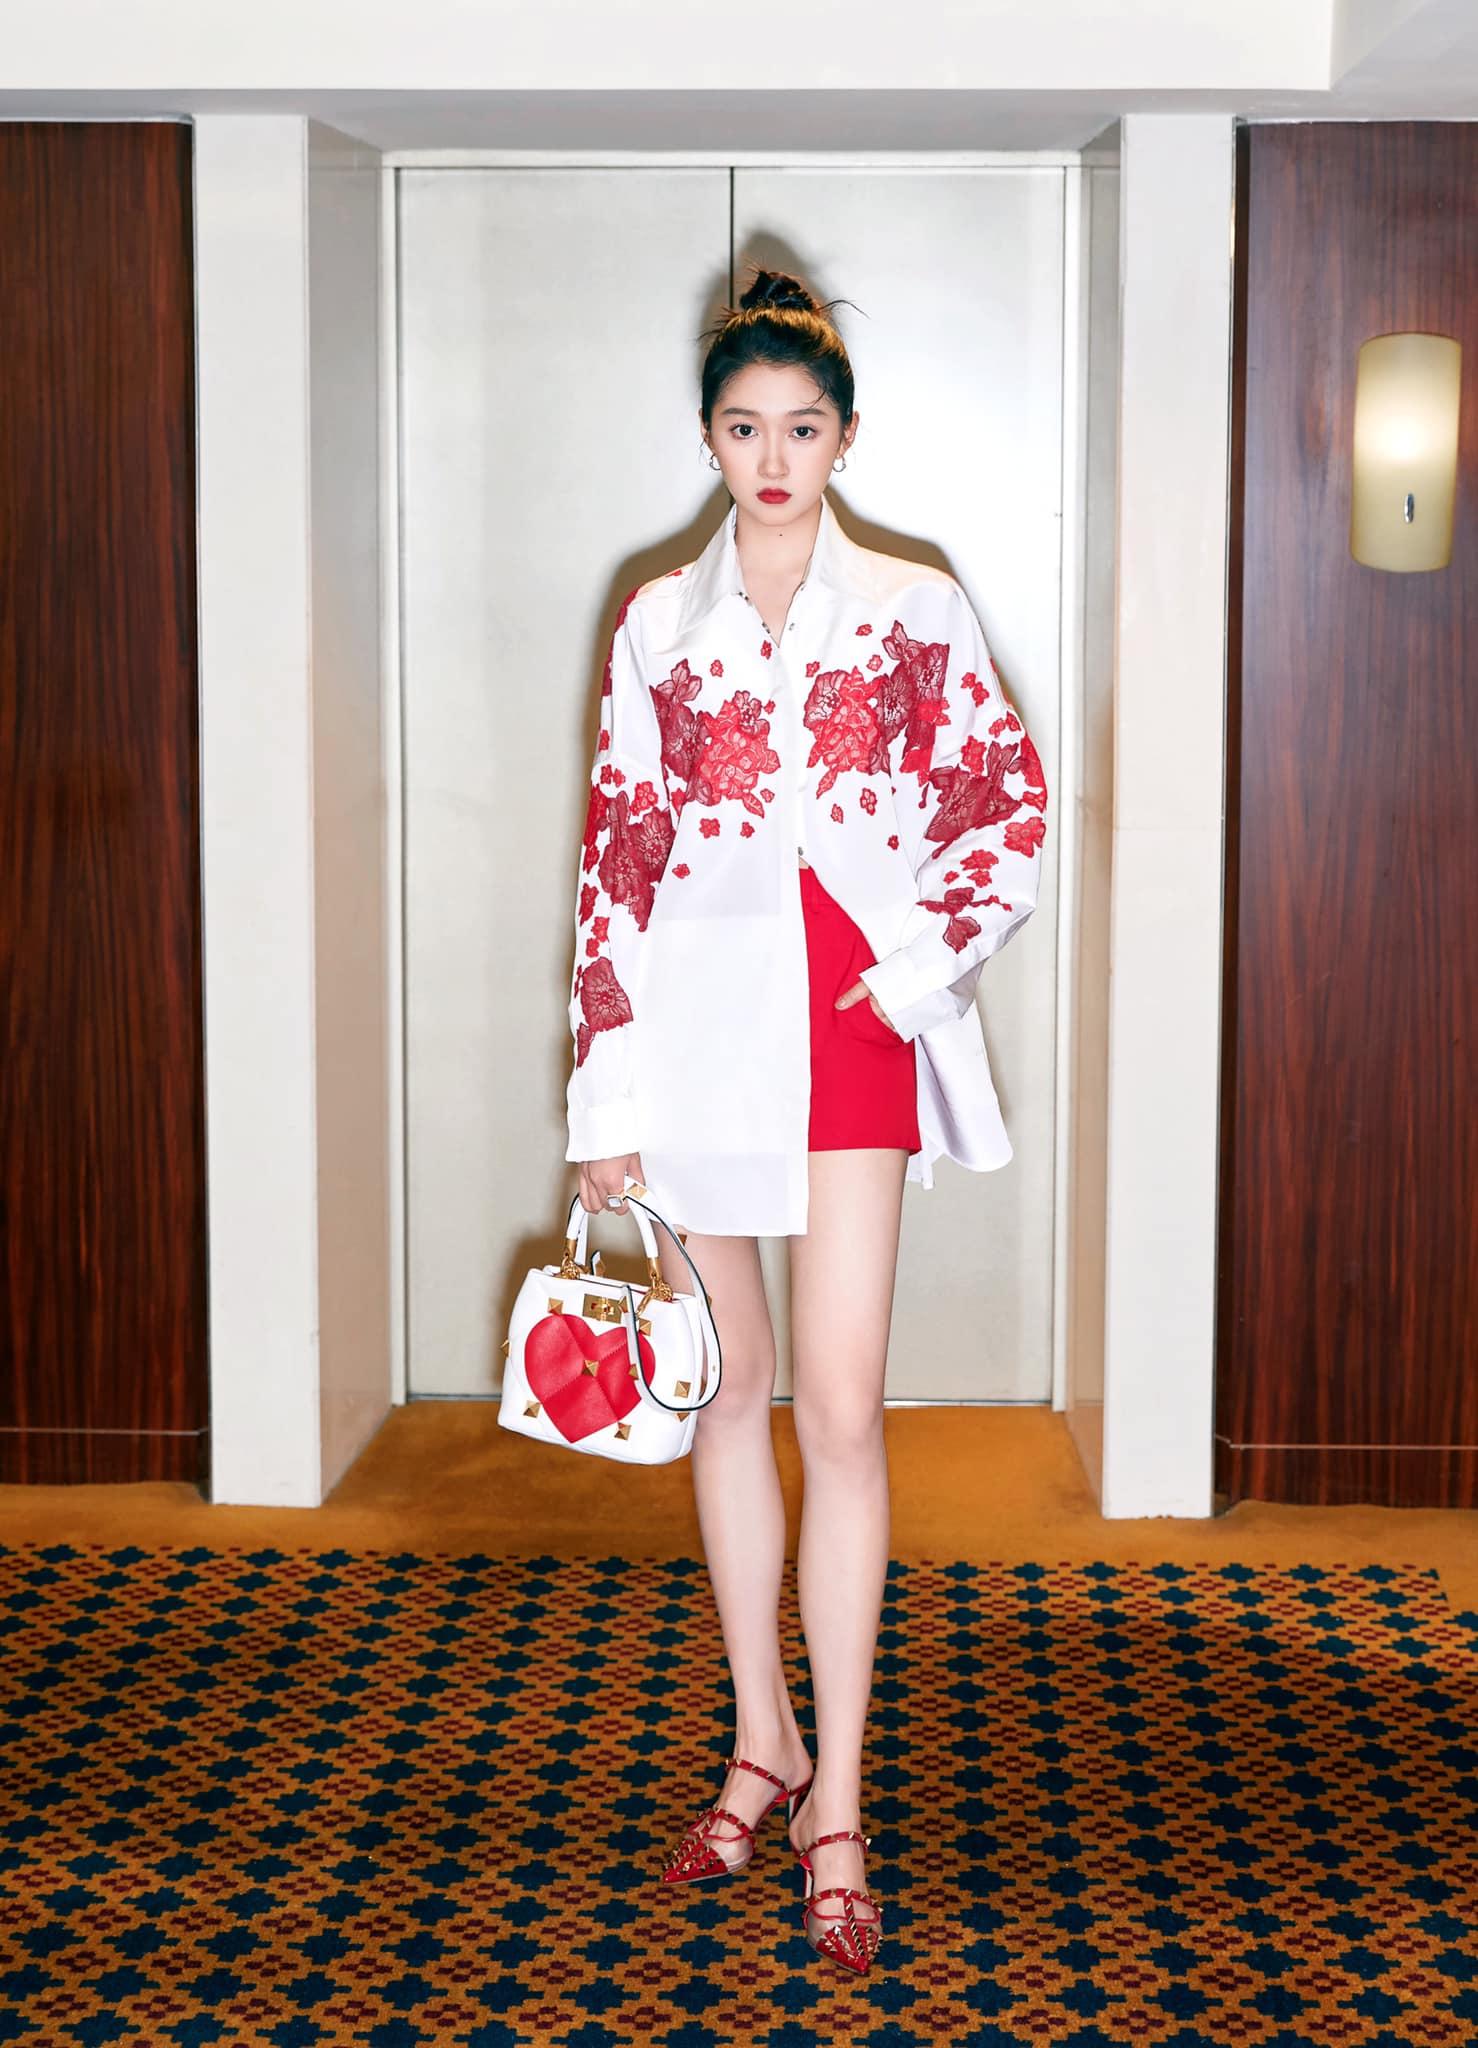 Son Ye Jin đại chiến Quan Hiểu Đồng khi diện áo na ná: Chị Đẹp lên đồ dìm dáng, mờ nhạt hơn hẳn bạn gái Luhan - Ảnh 4.